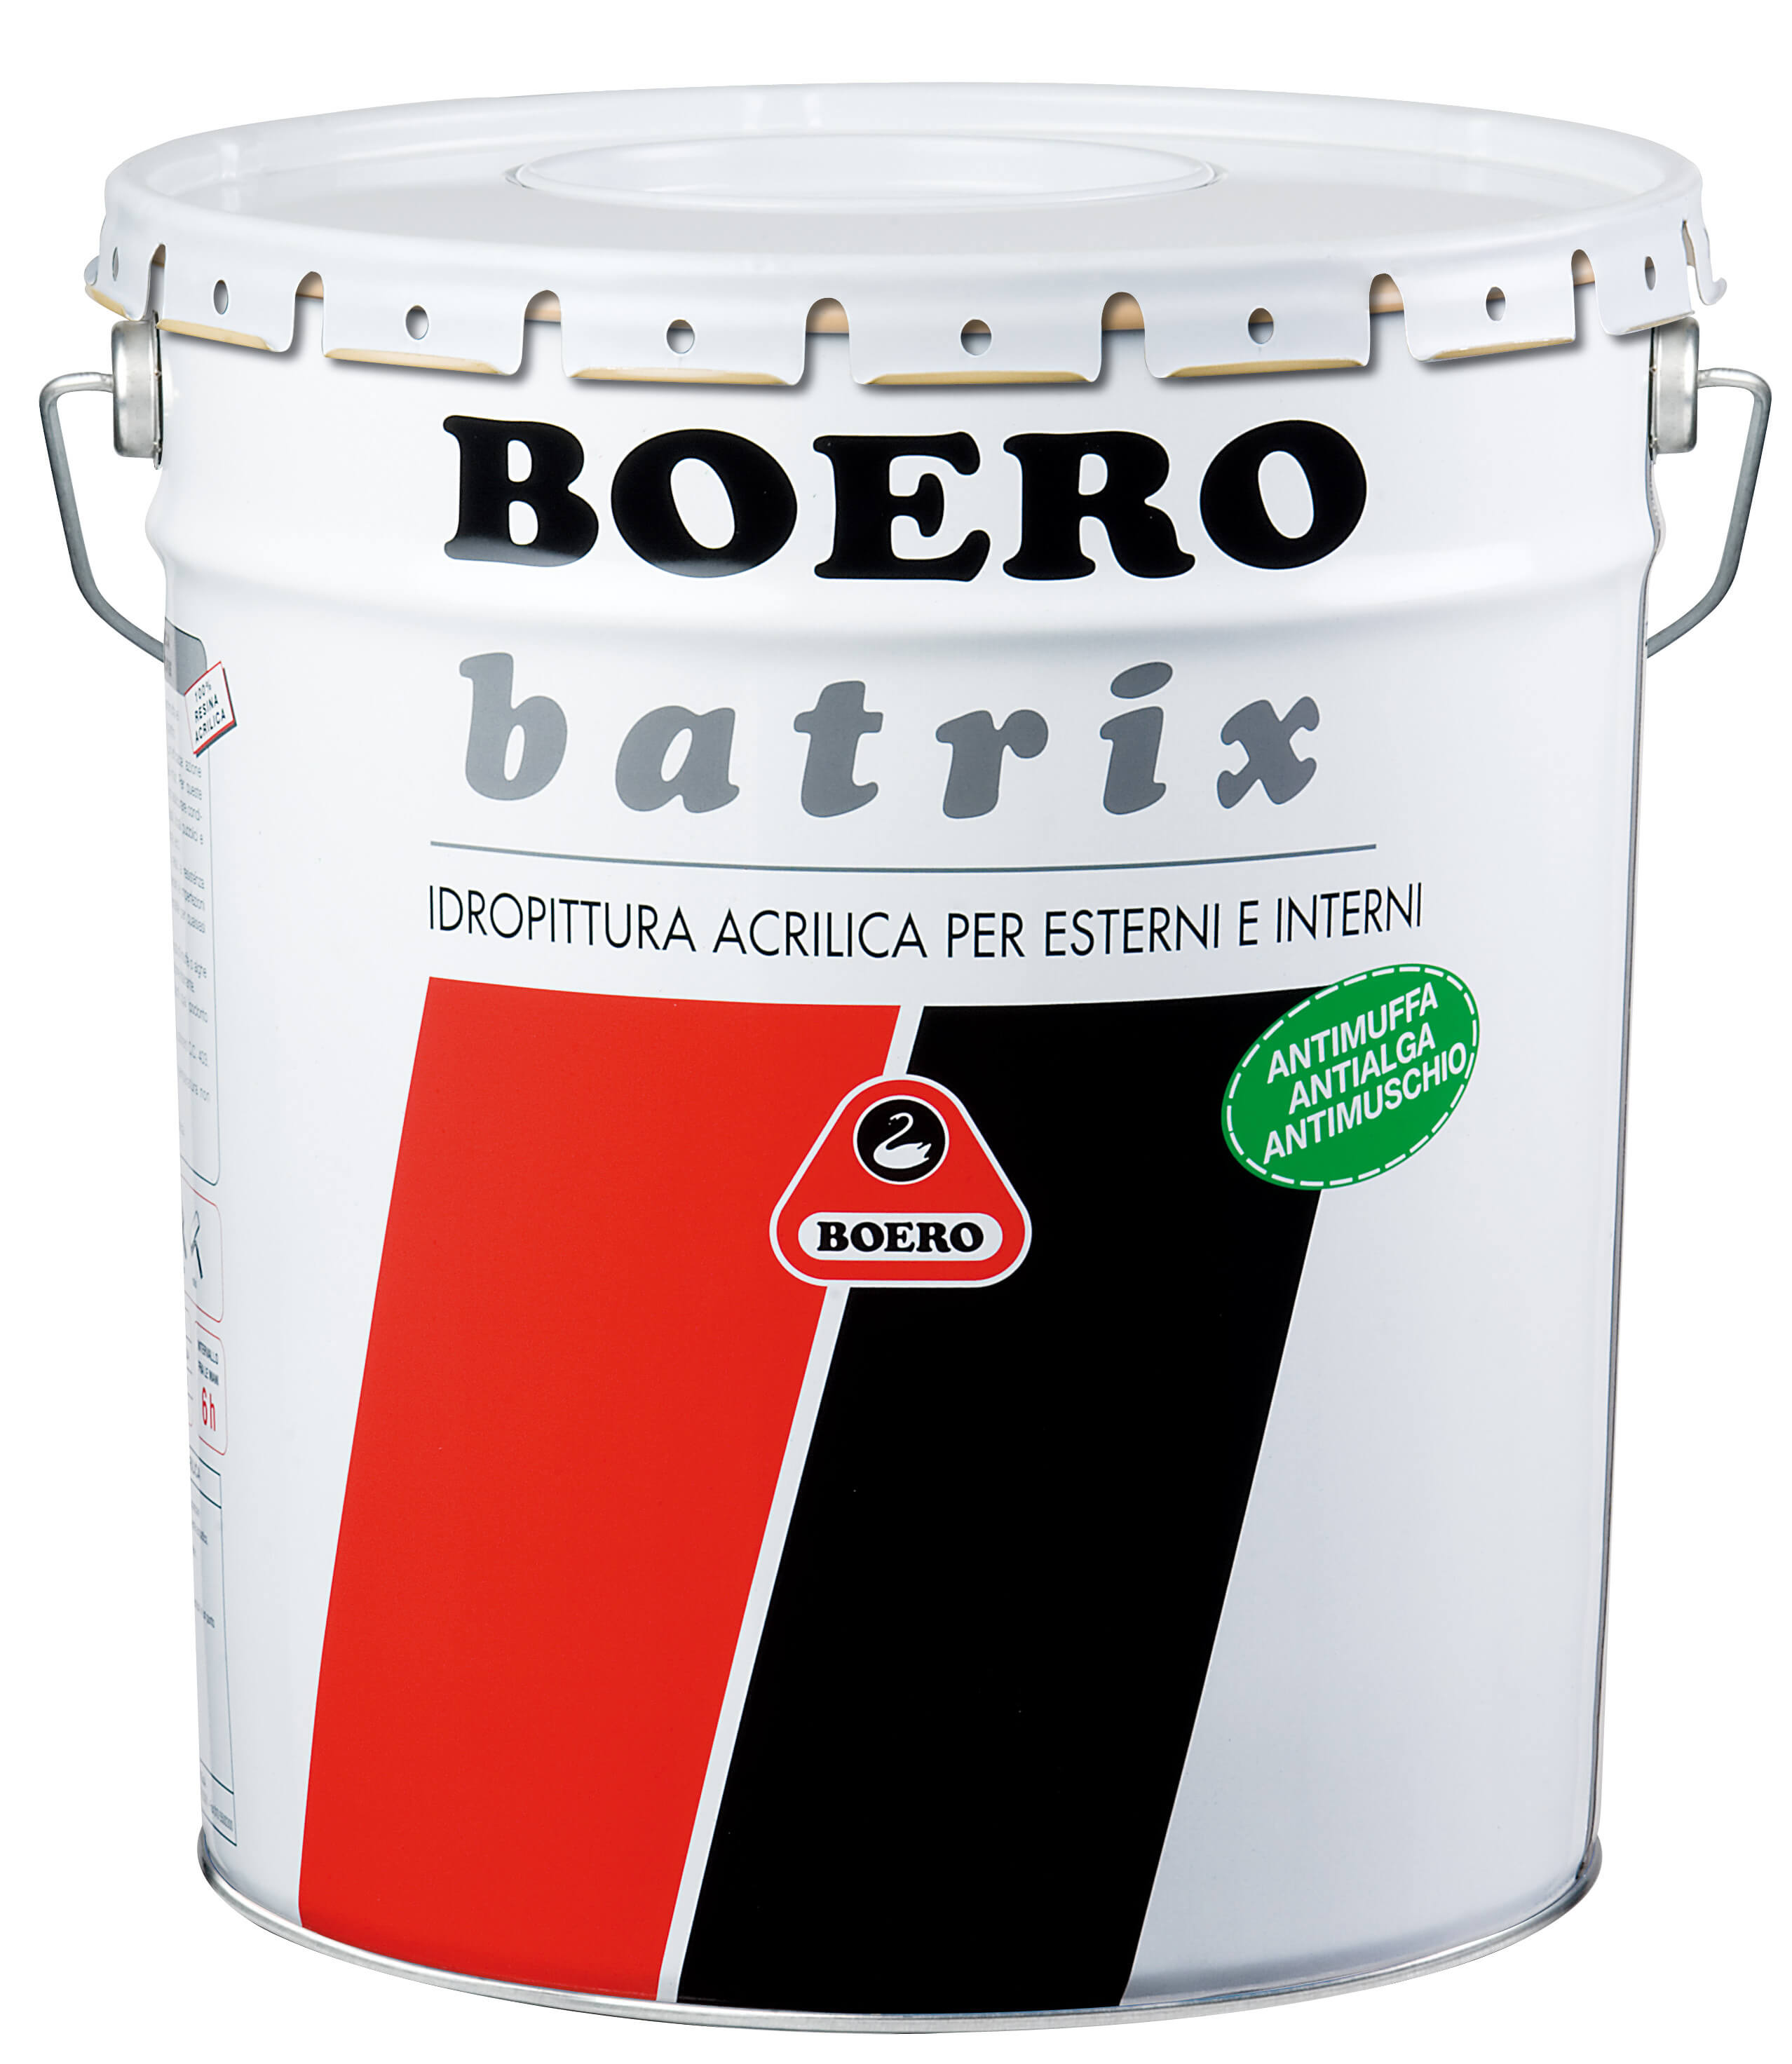 Pittura Per Interni Boero.G S Colori Antimuffa Batrix Boero